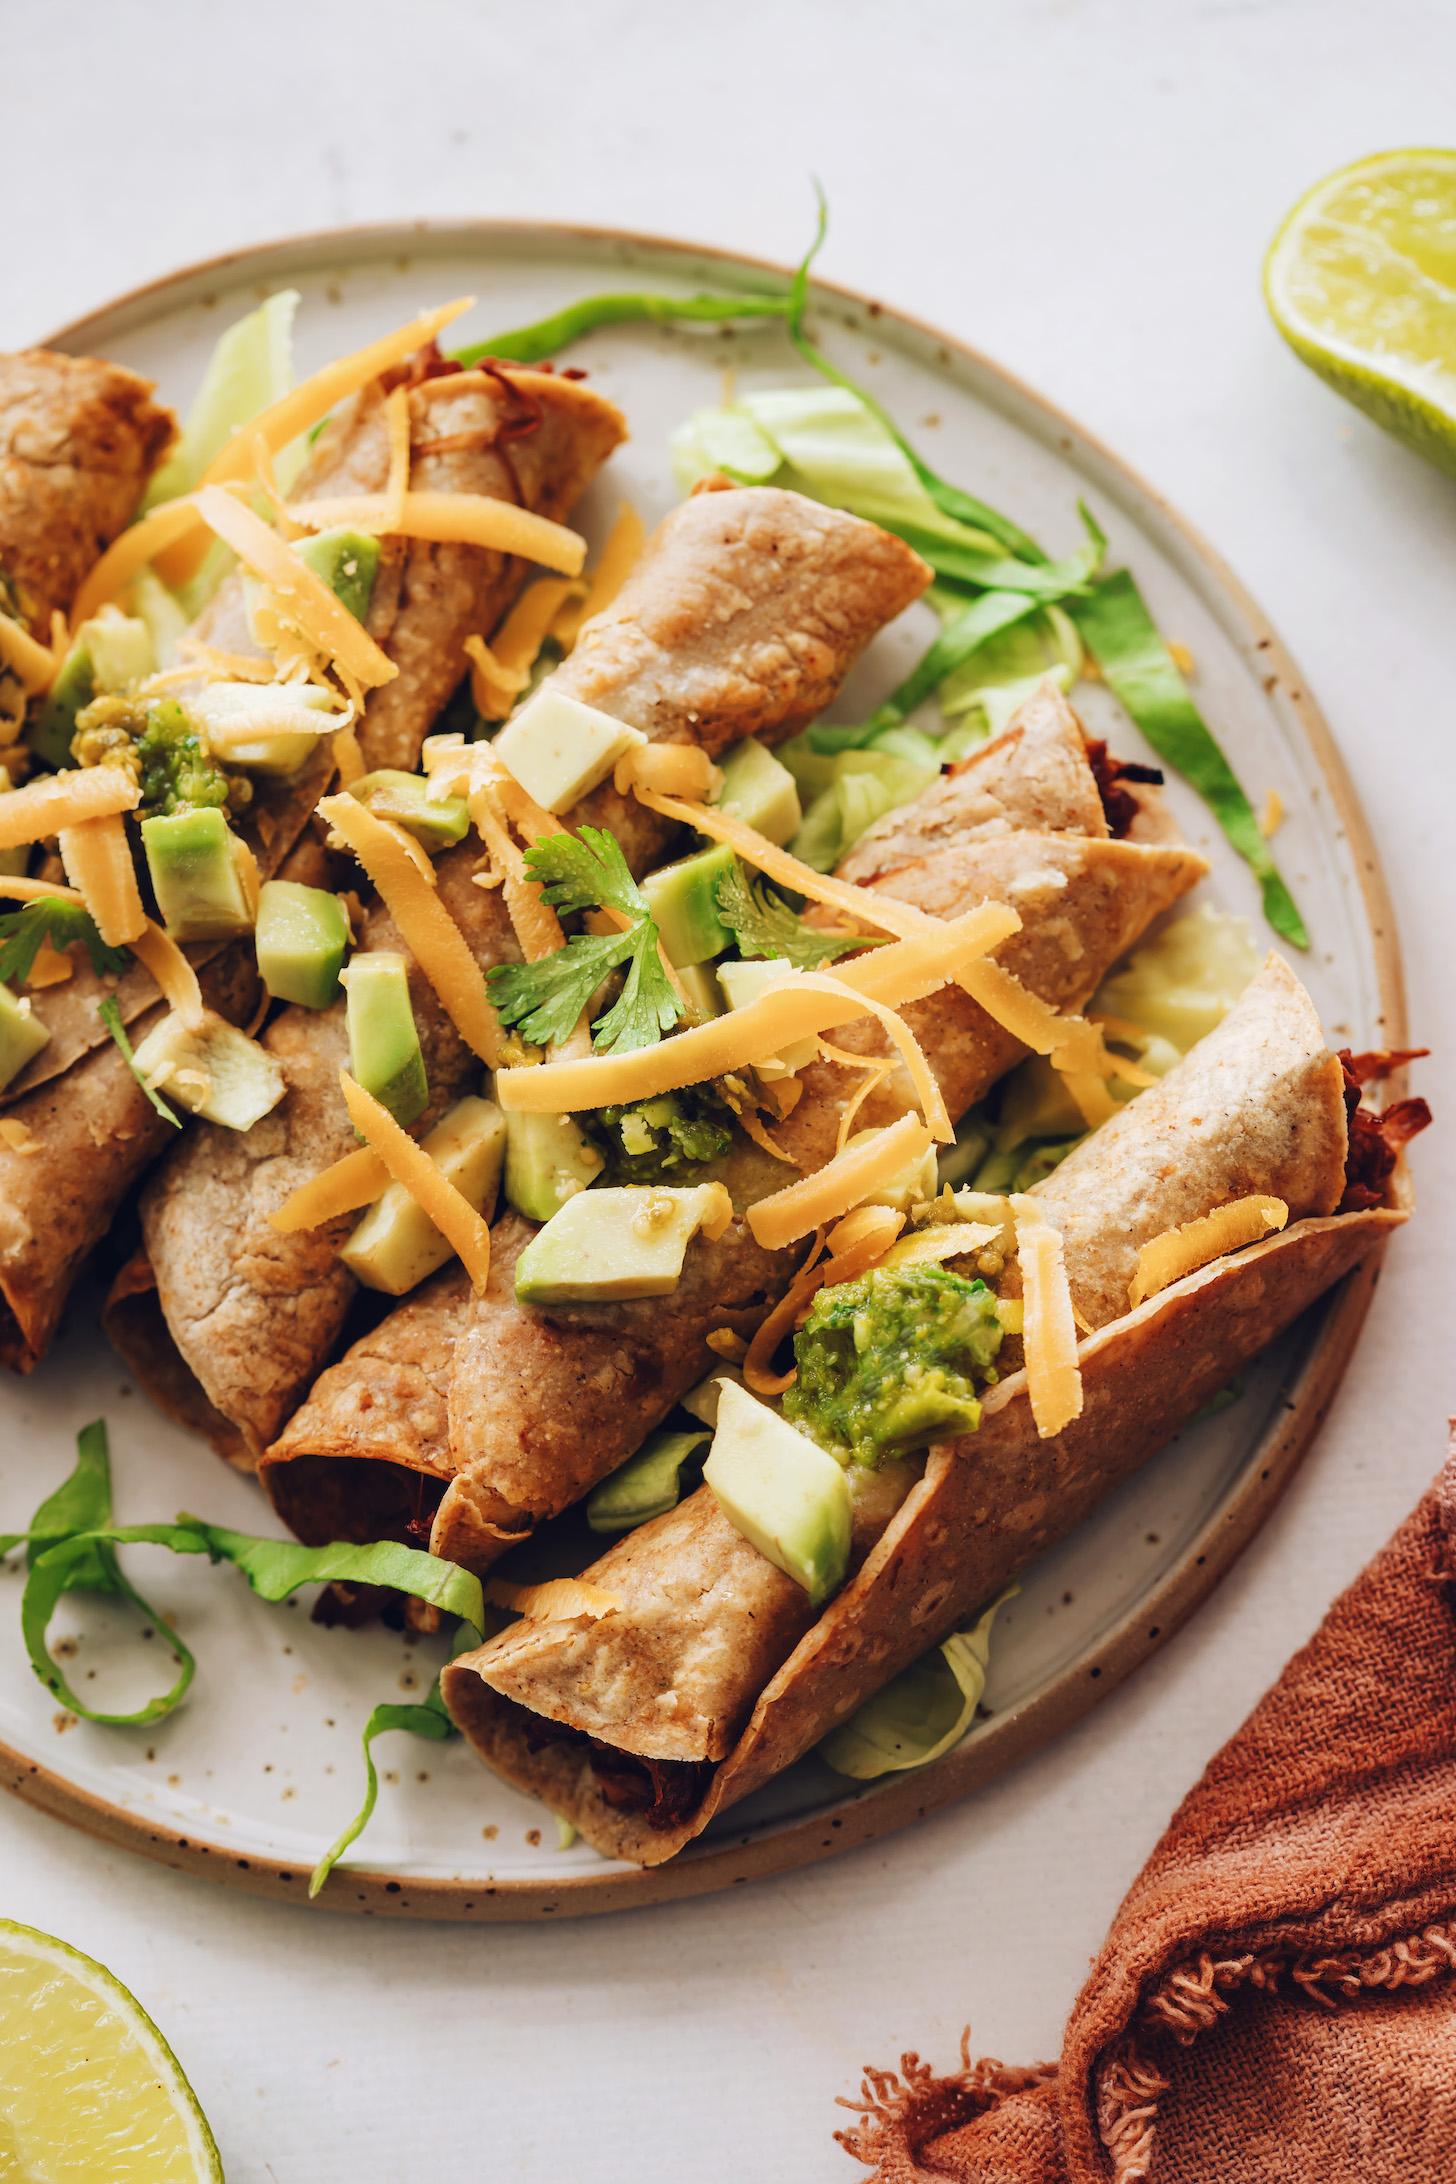 Tányér jackfruit taquitos avokádóval, korianderrel, salátával, vegán cheddarral és tomatillo salsa -val